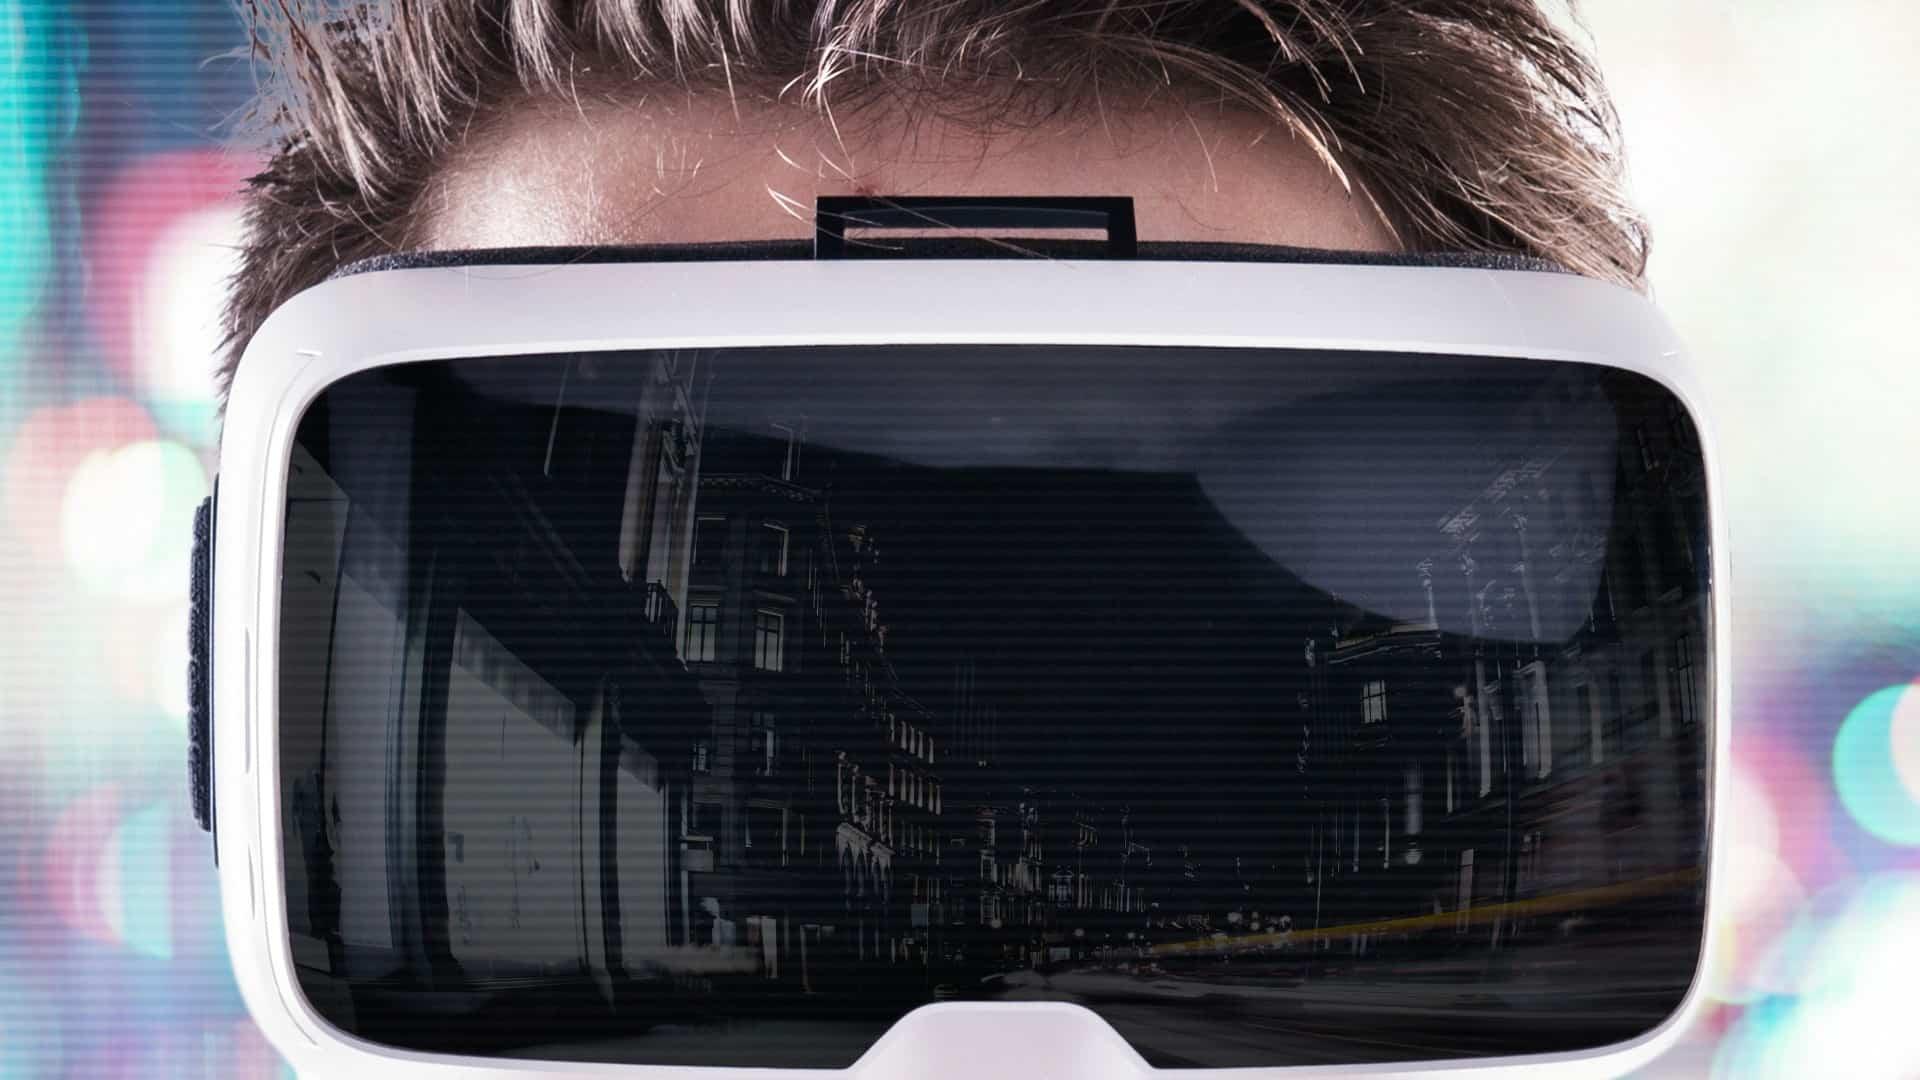 Gafas de realidad virtual: ¿Cuáles son las mejores del 2021?